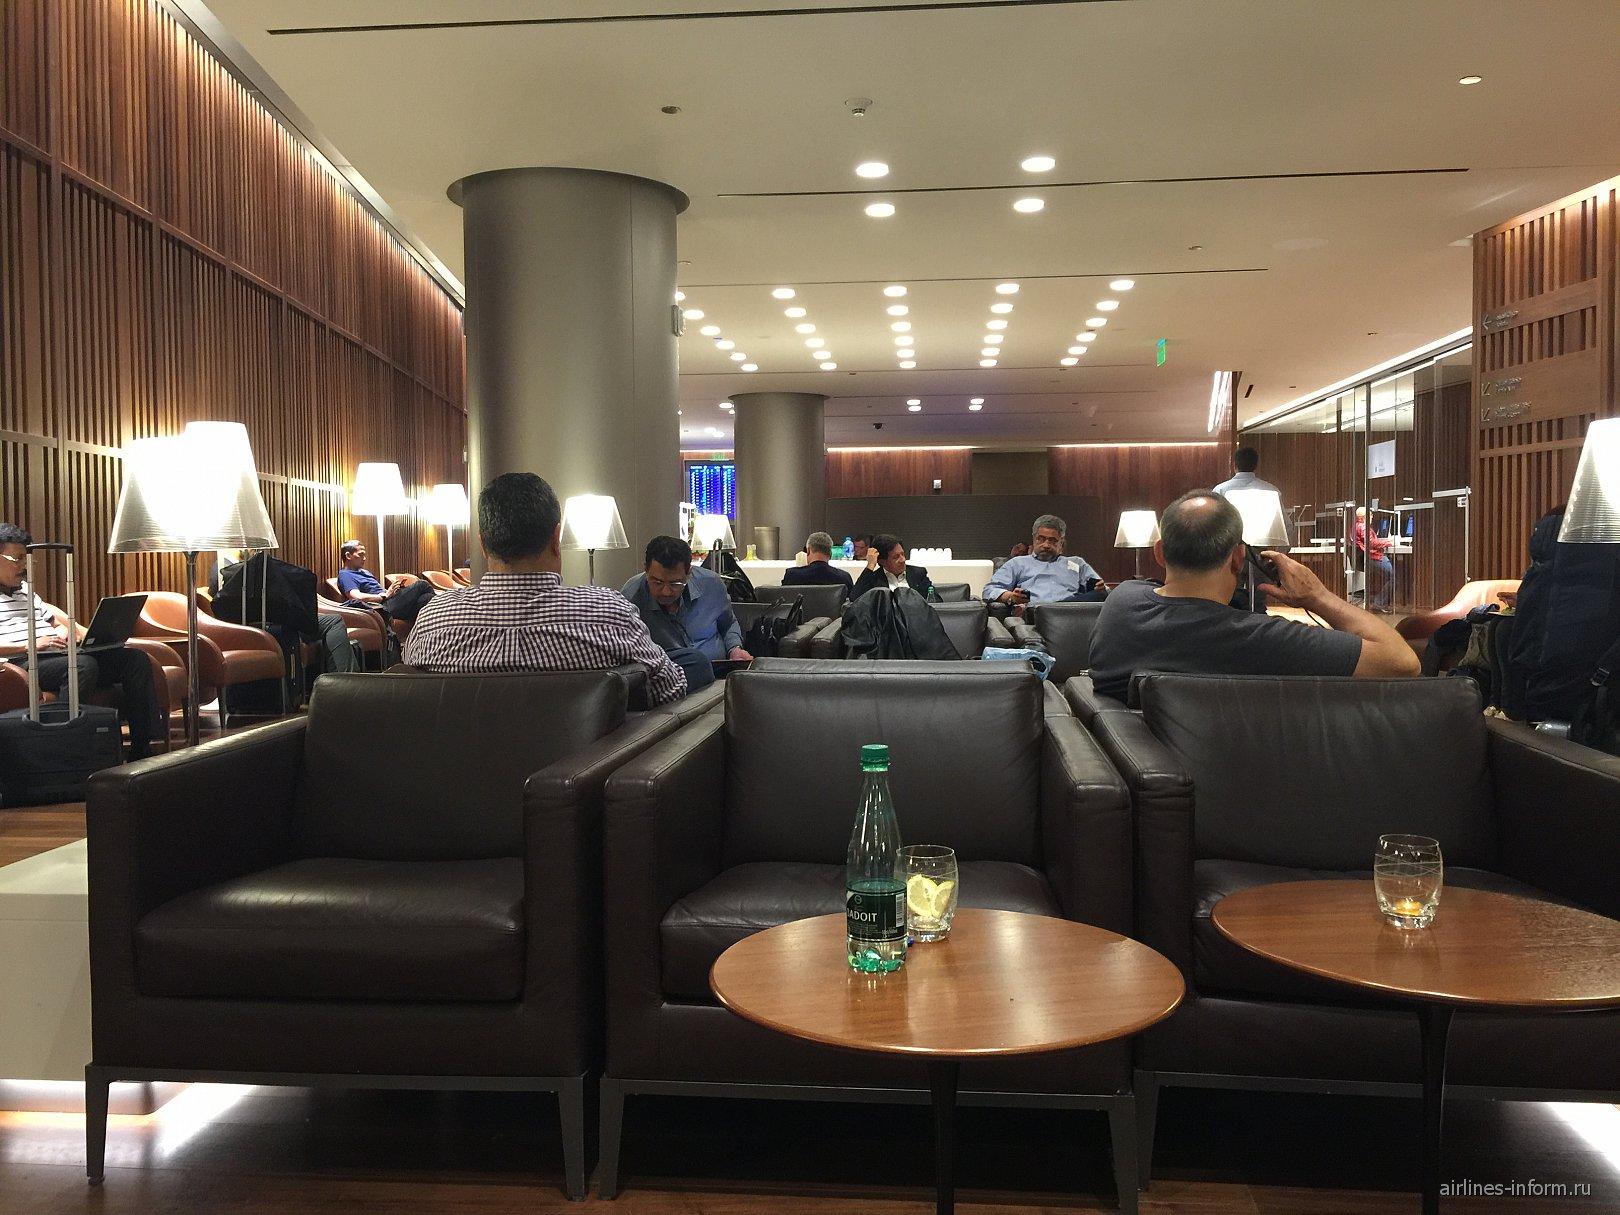 Бизнес-зал в аэропорту Хамад